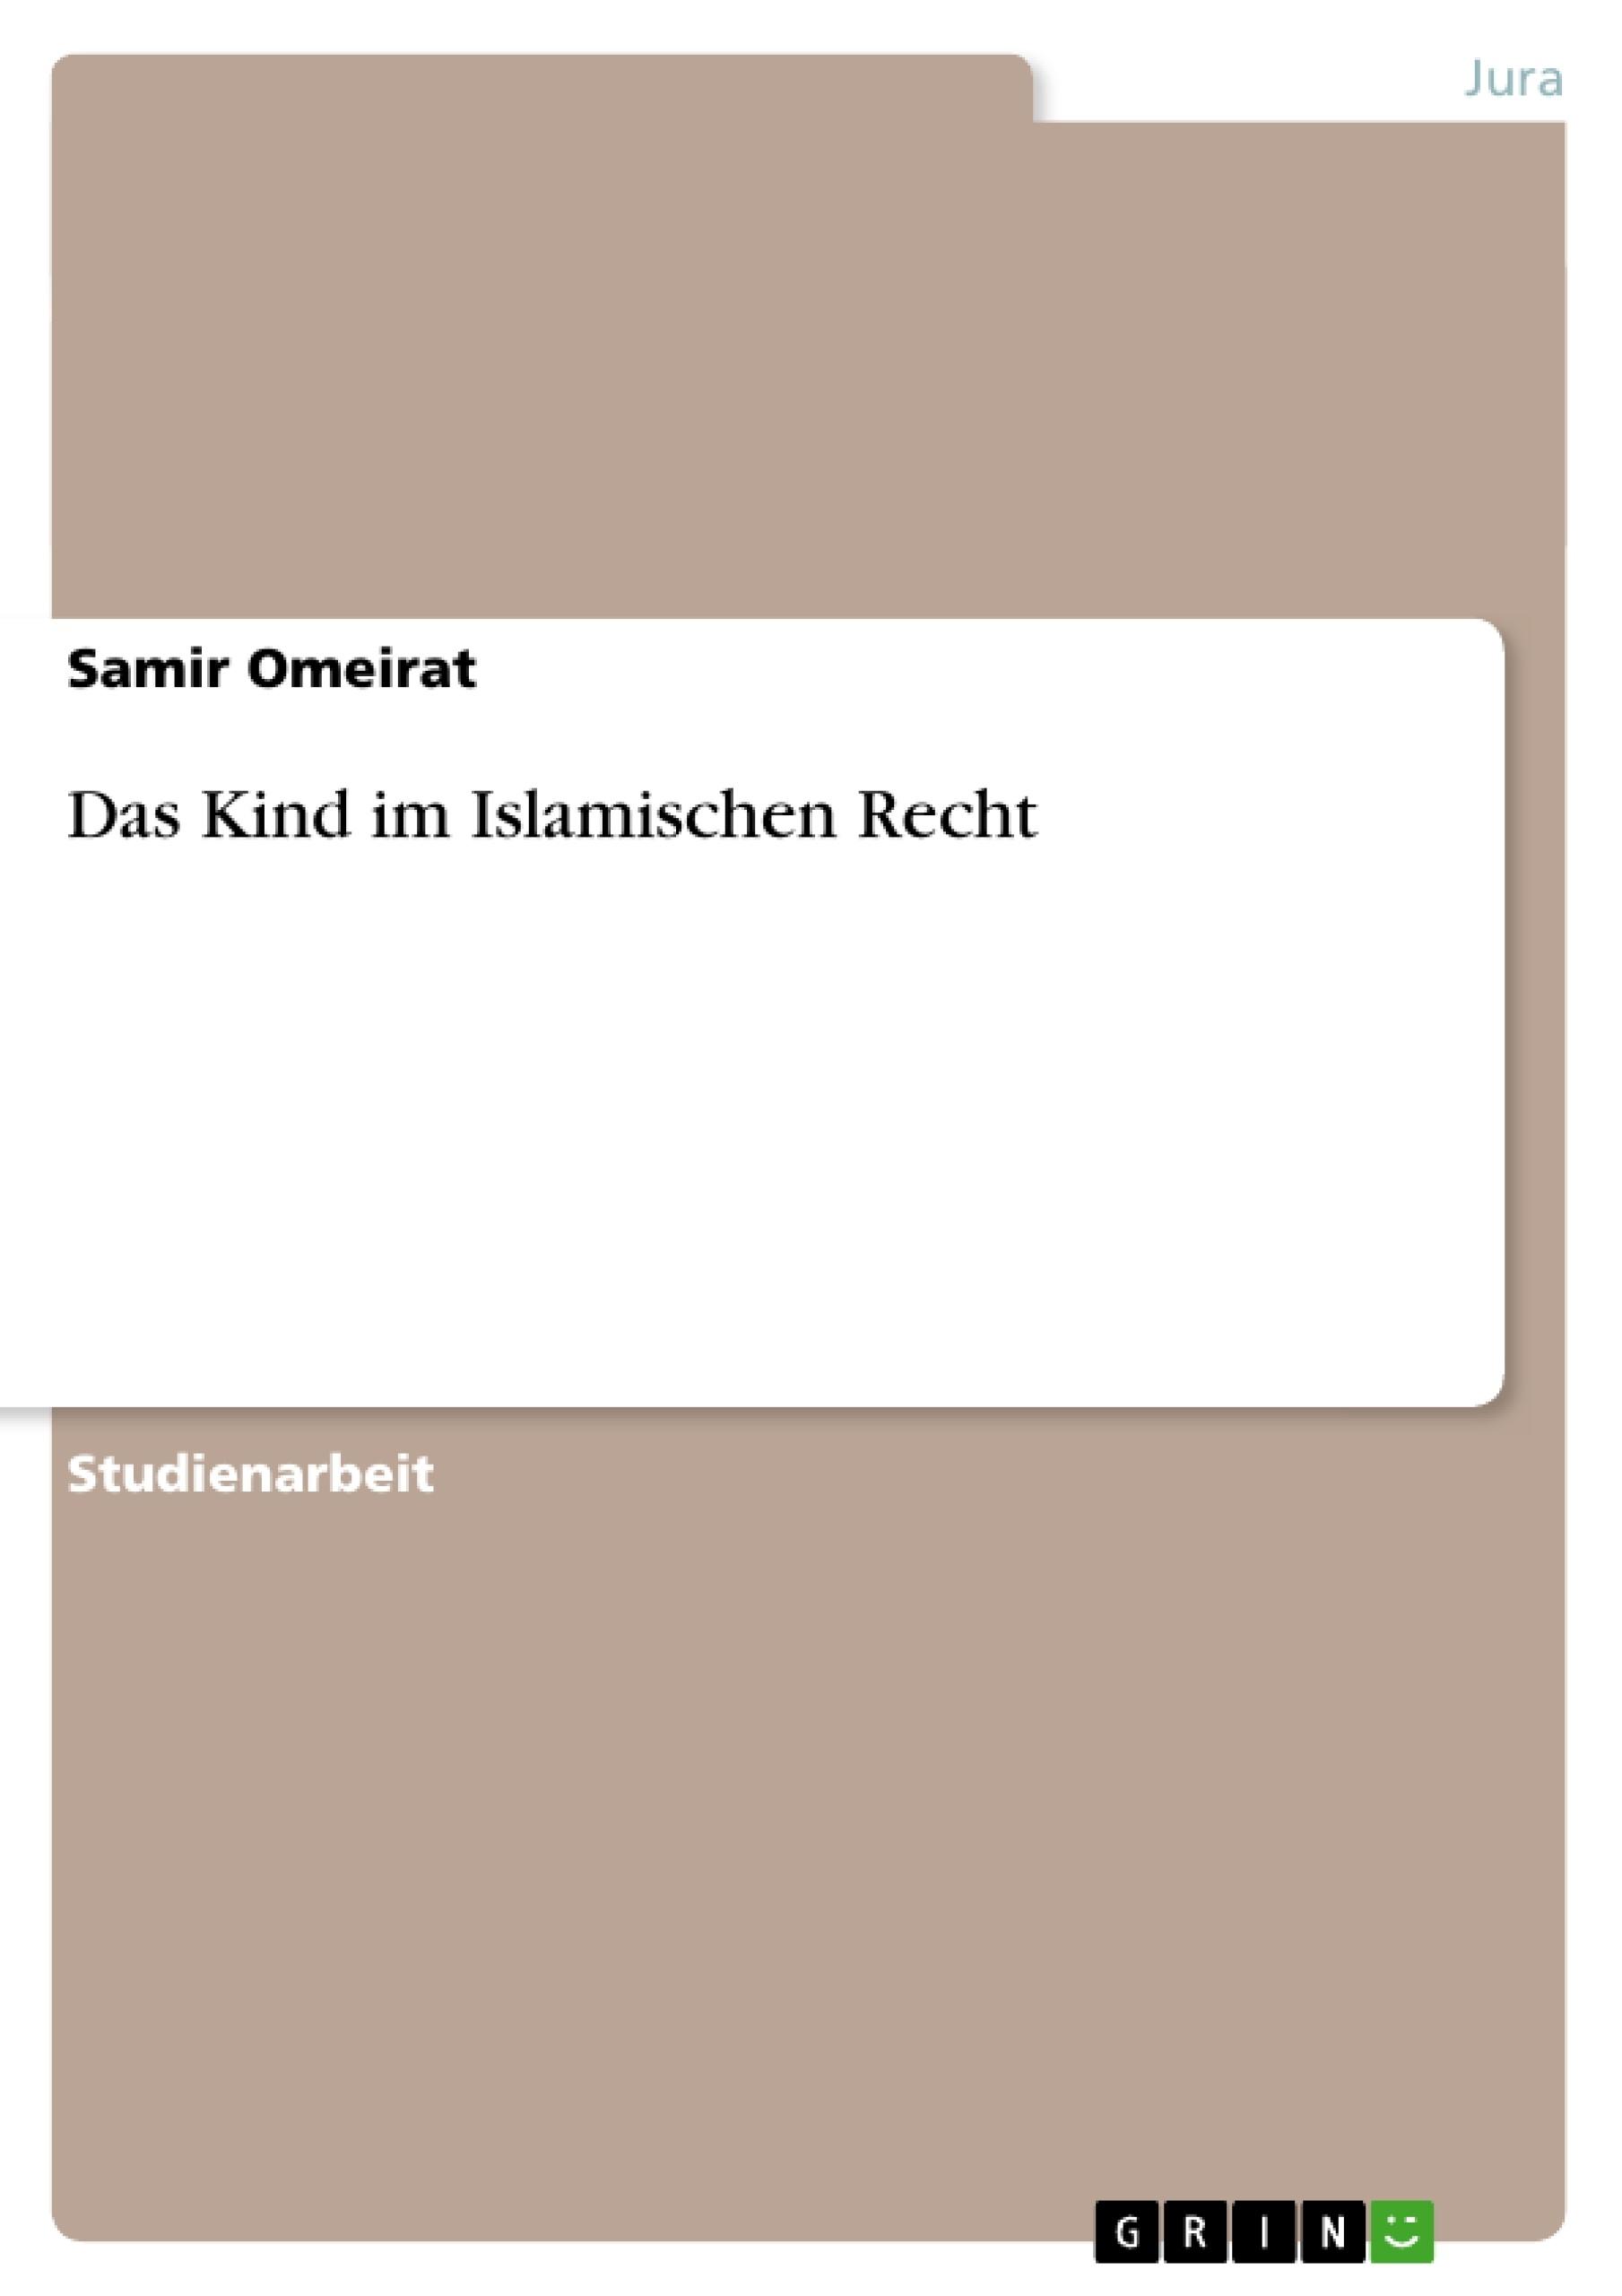 Titel: Das Kind im Islamischen Recht